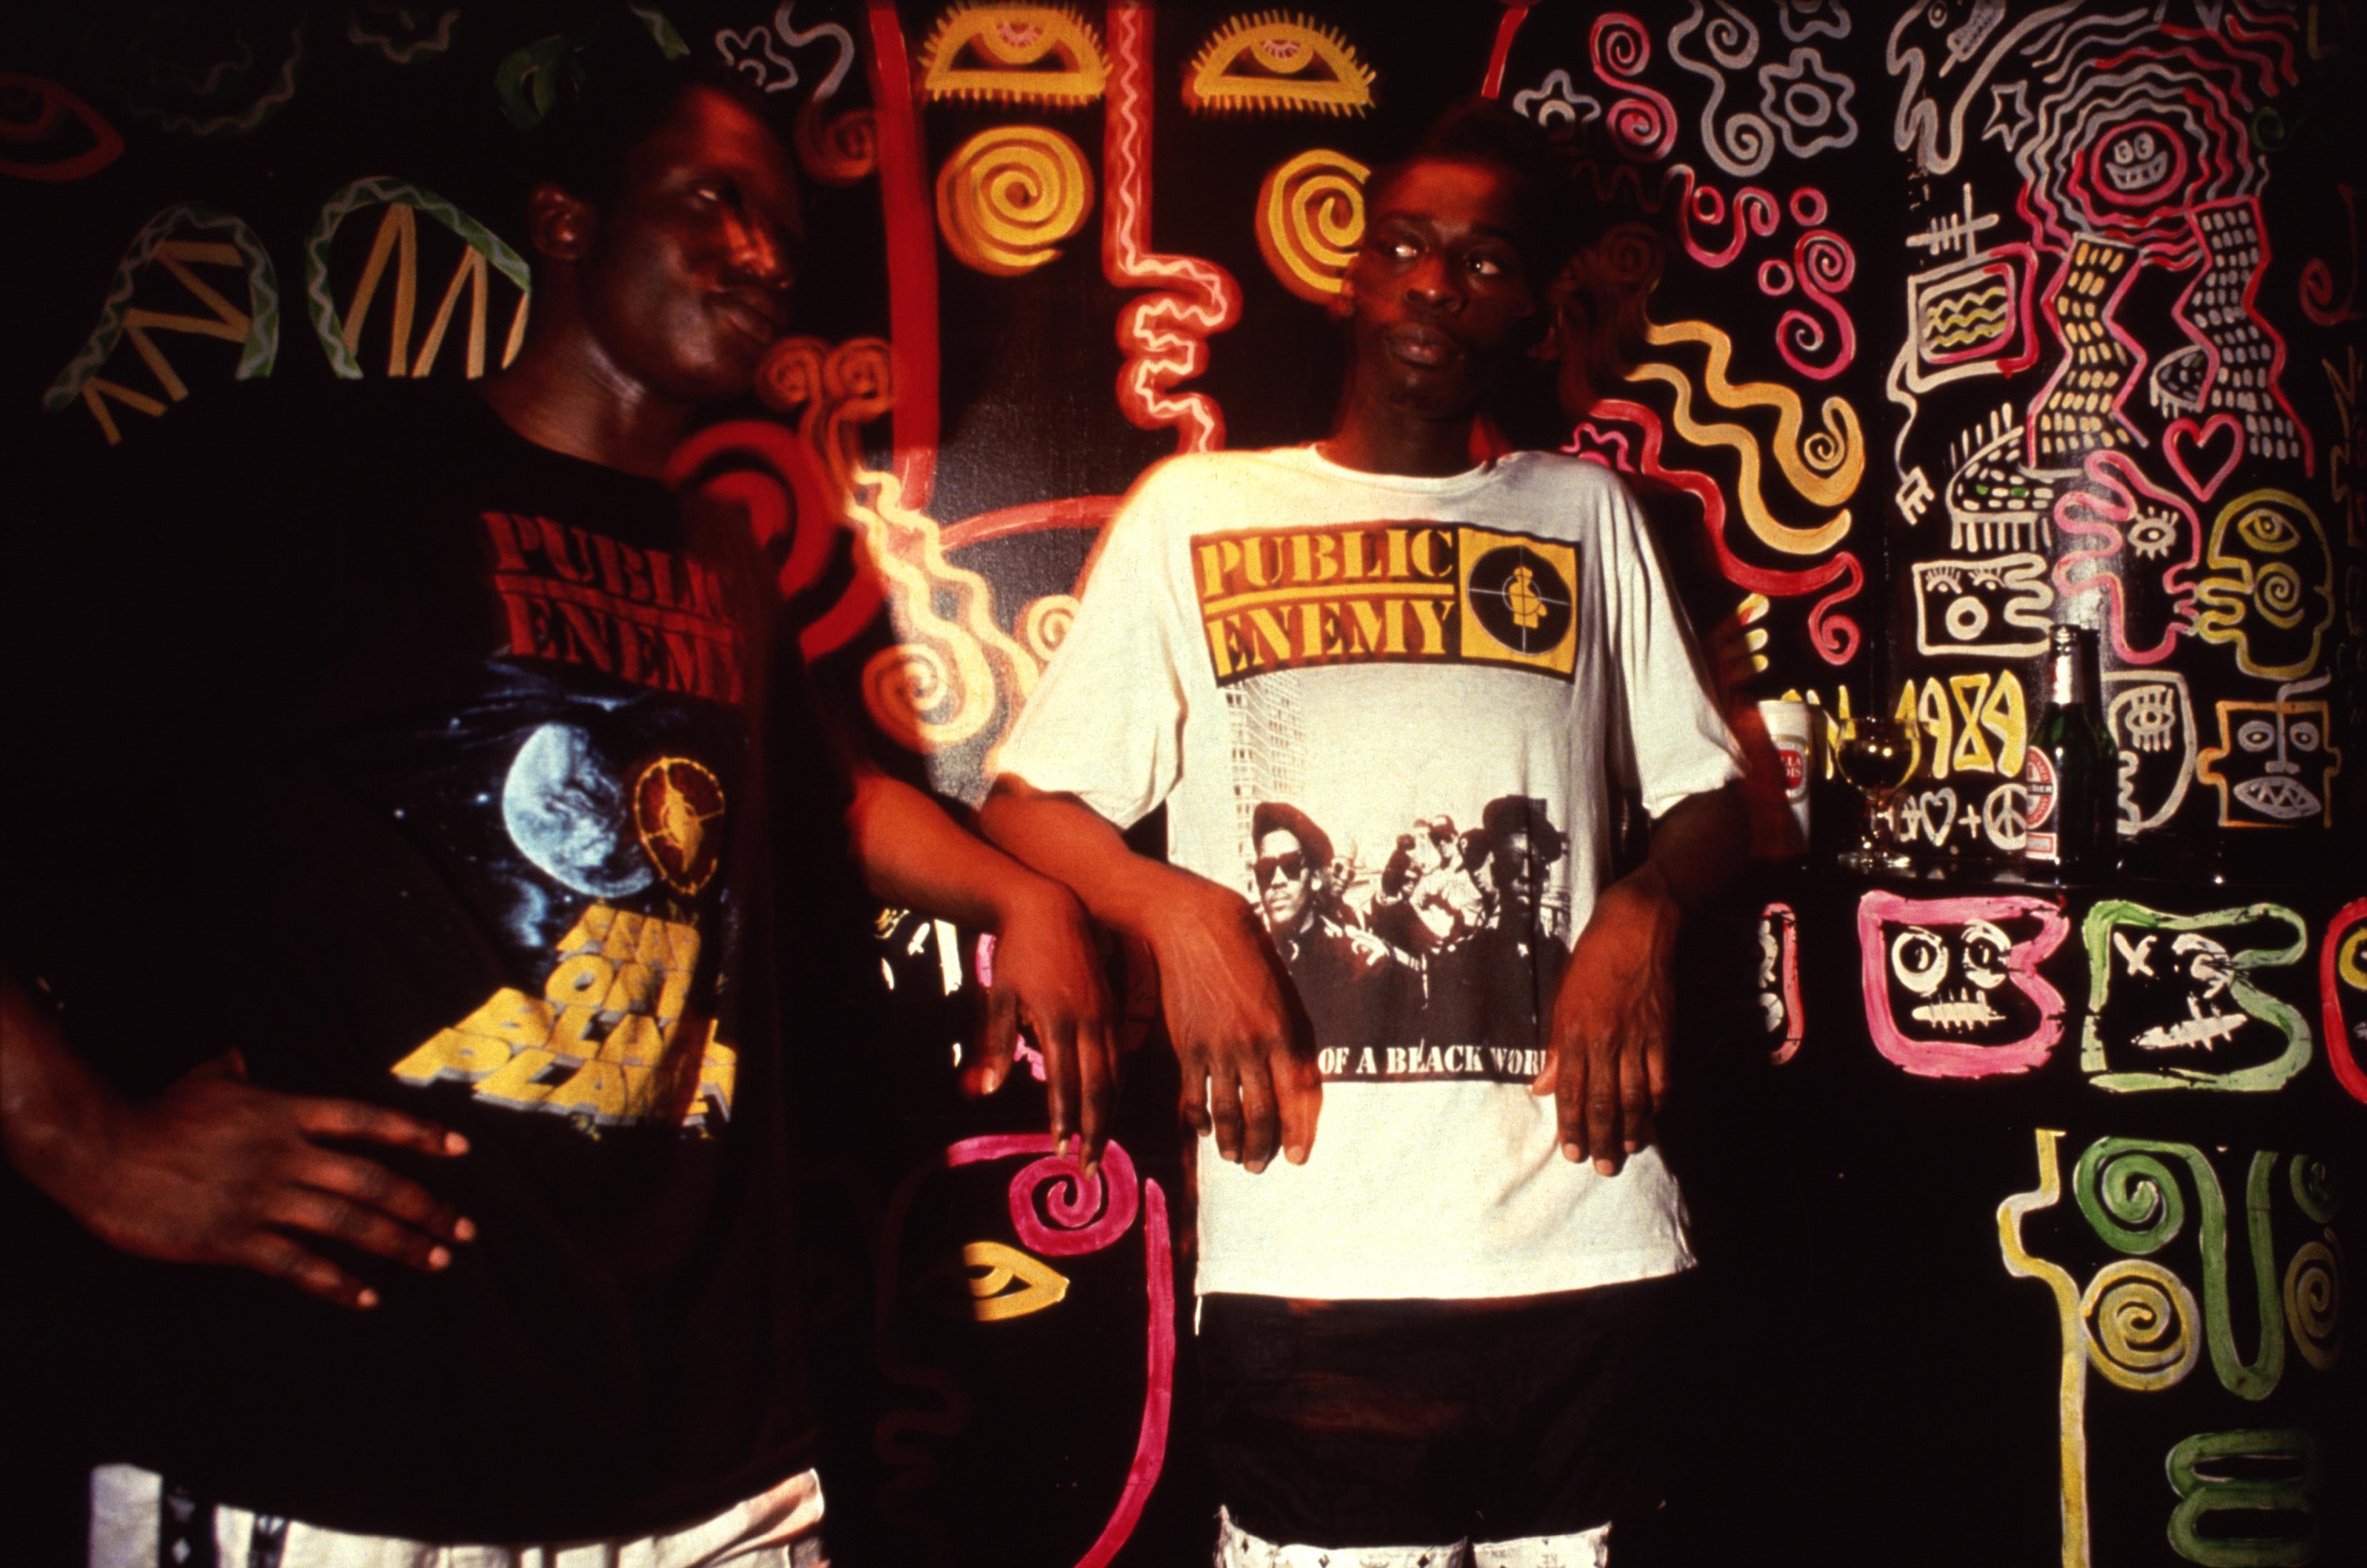 Depop x Youth Club archival photo of Public Enemy